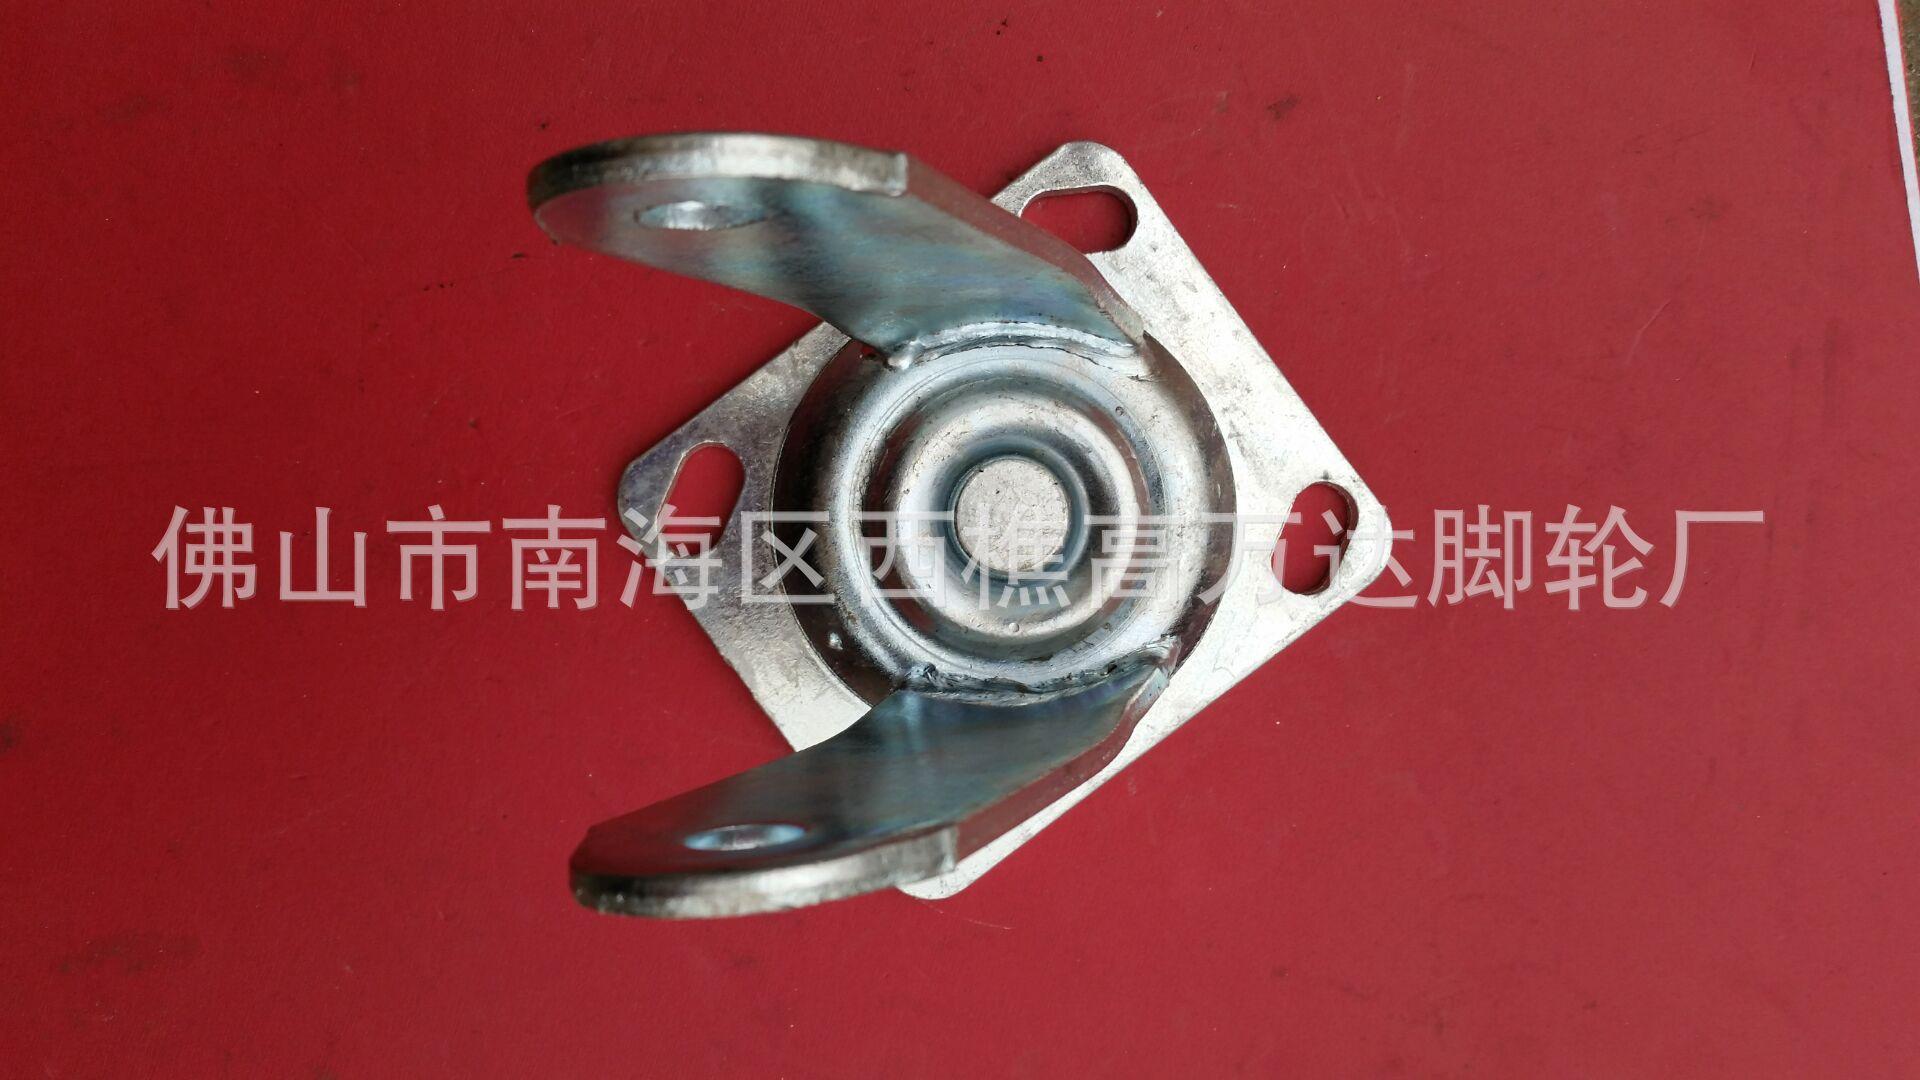 厂家直销四厘6寸活动脚轮架子 铸铁重型设备工业脚轮示例图3